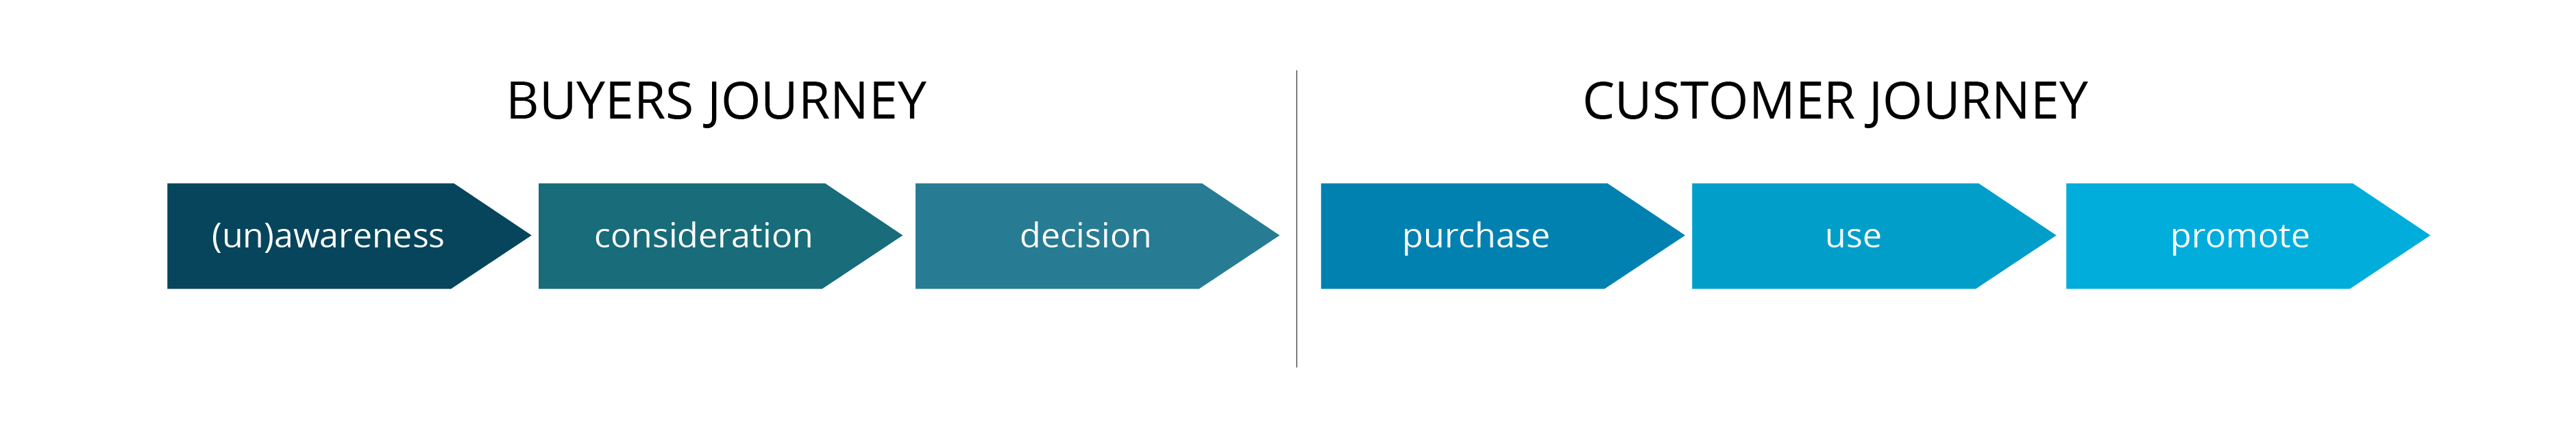 von-der-buyers-journey-in-die-customer-journey-LTN